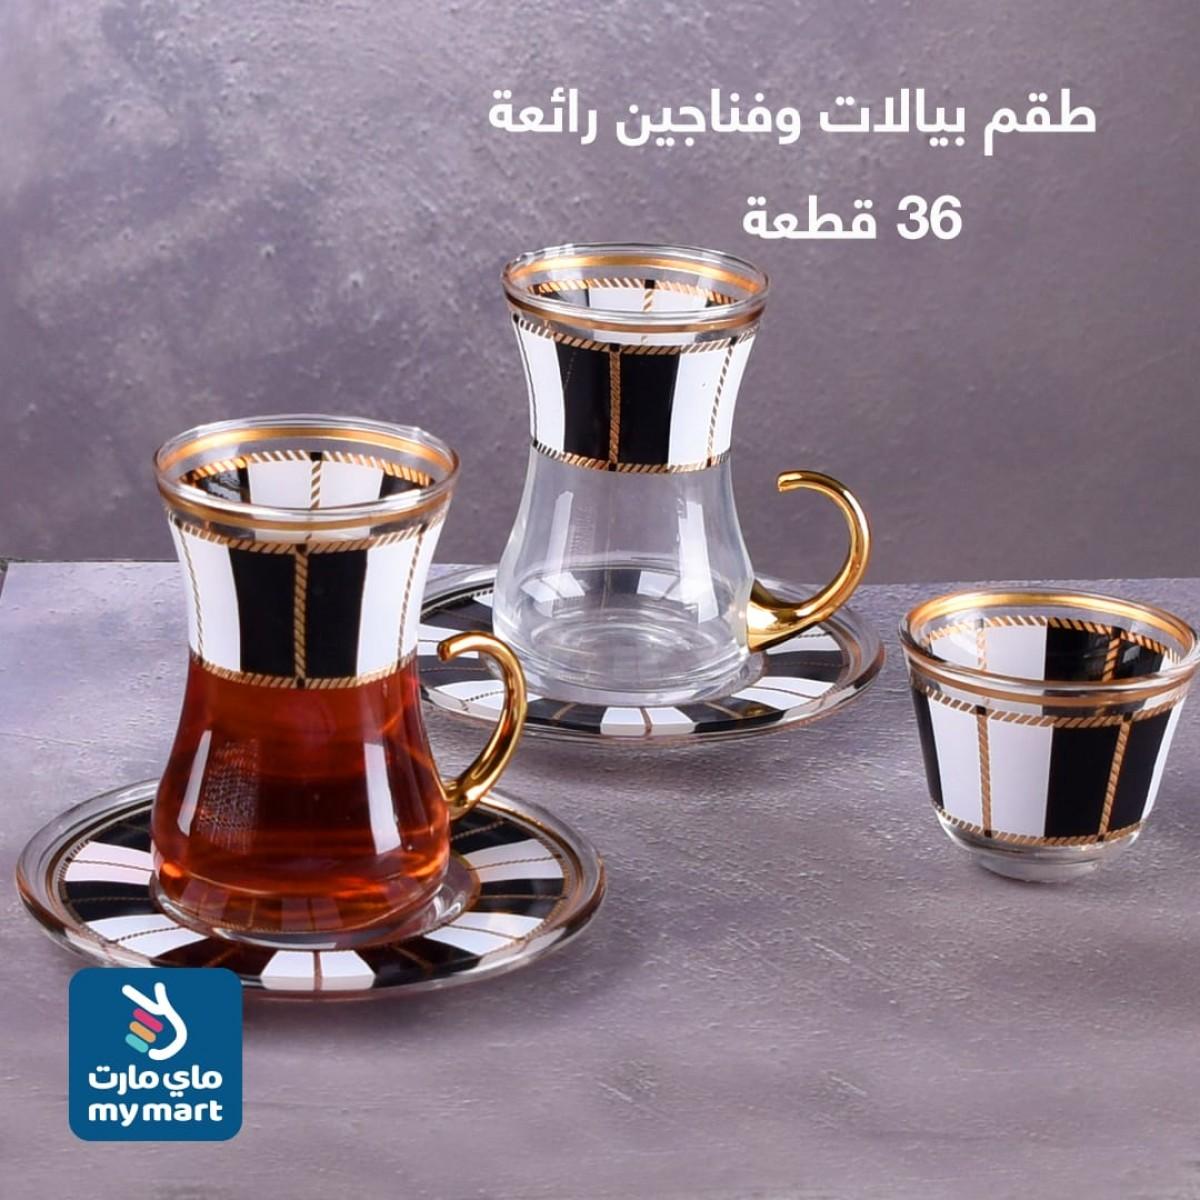 طقم  بيالة شاهي و قهوة مع الصحون ليزر 36 قطعة رقم 900198